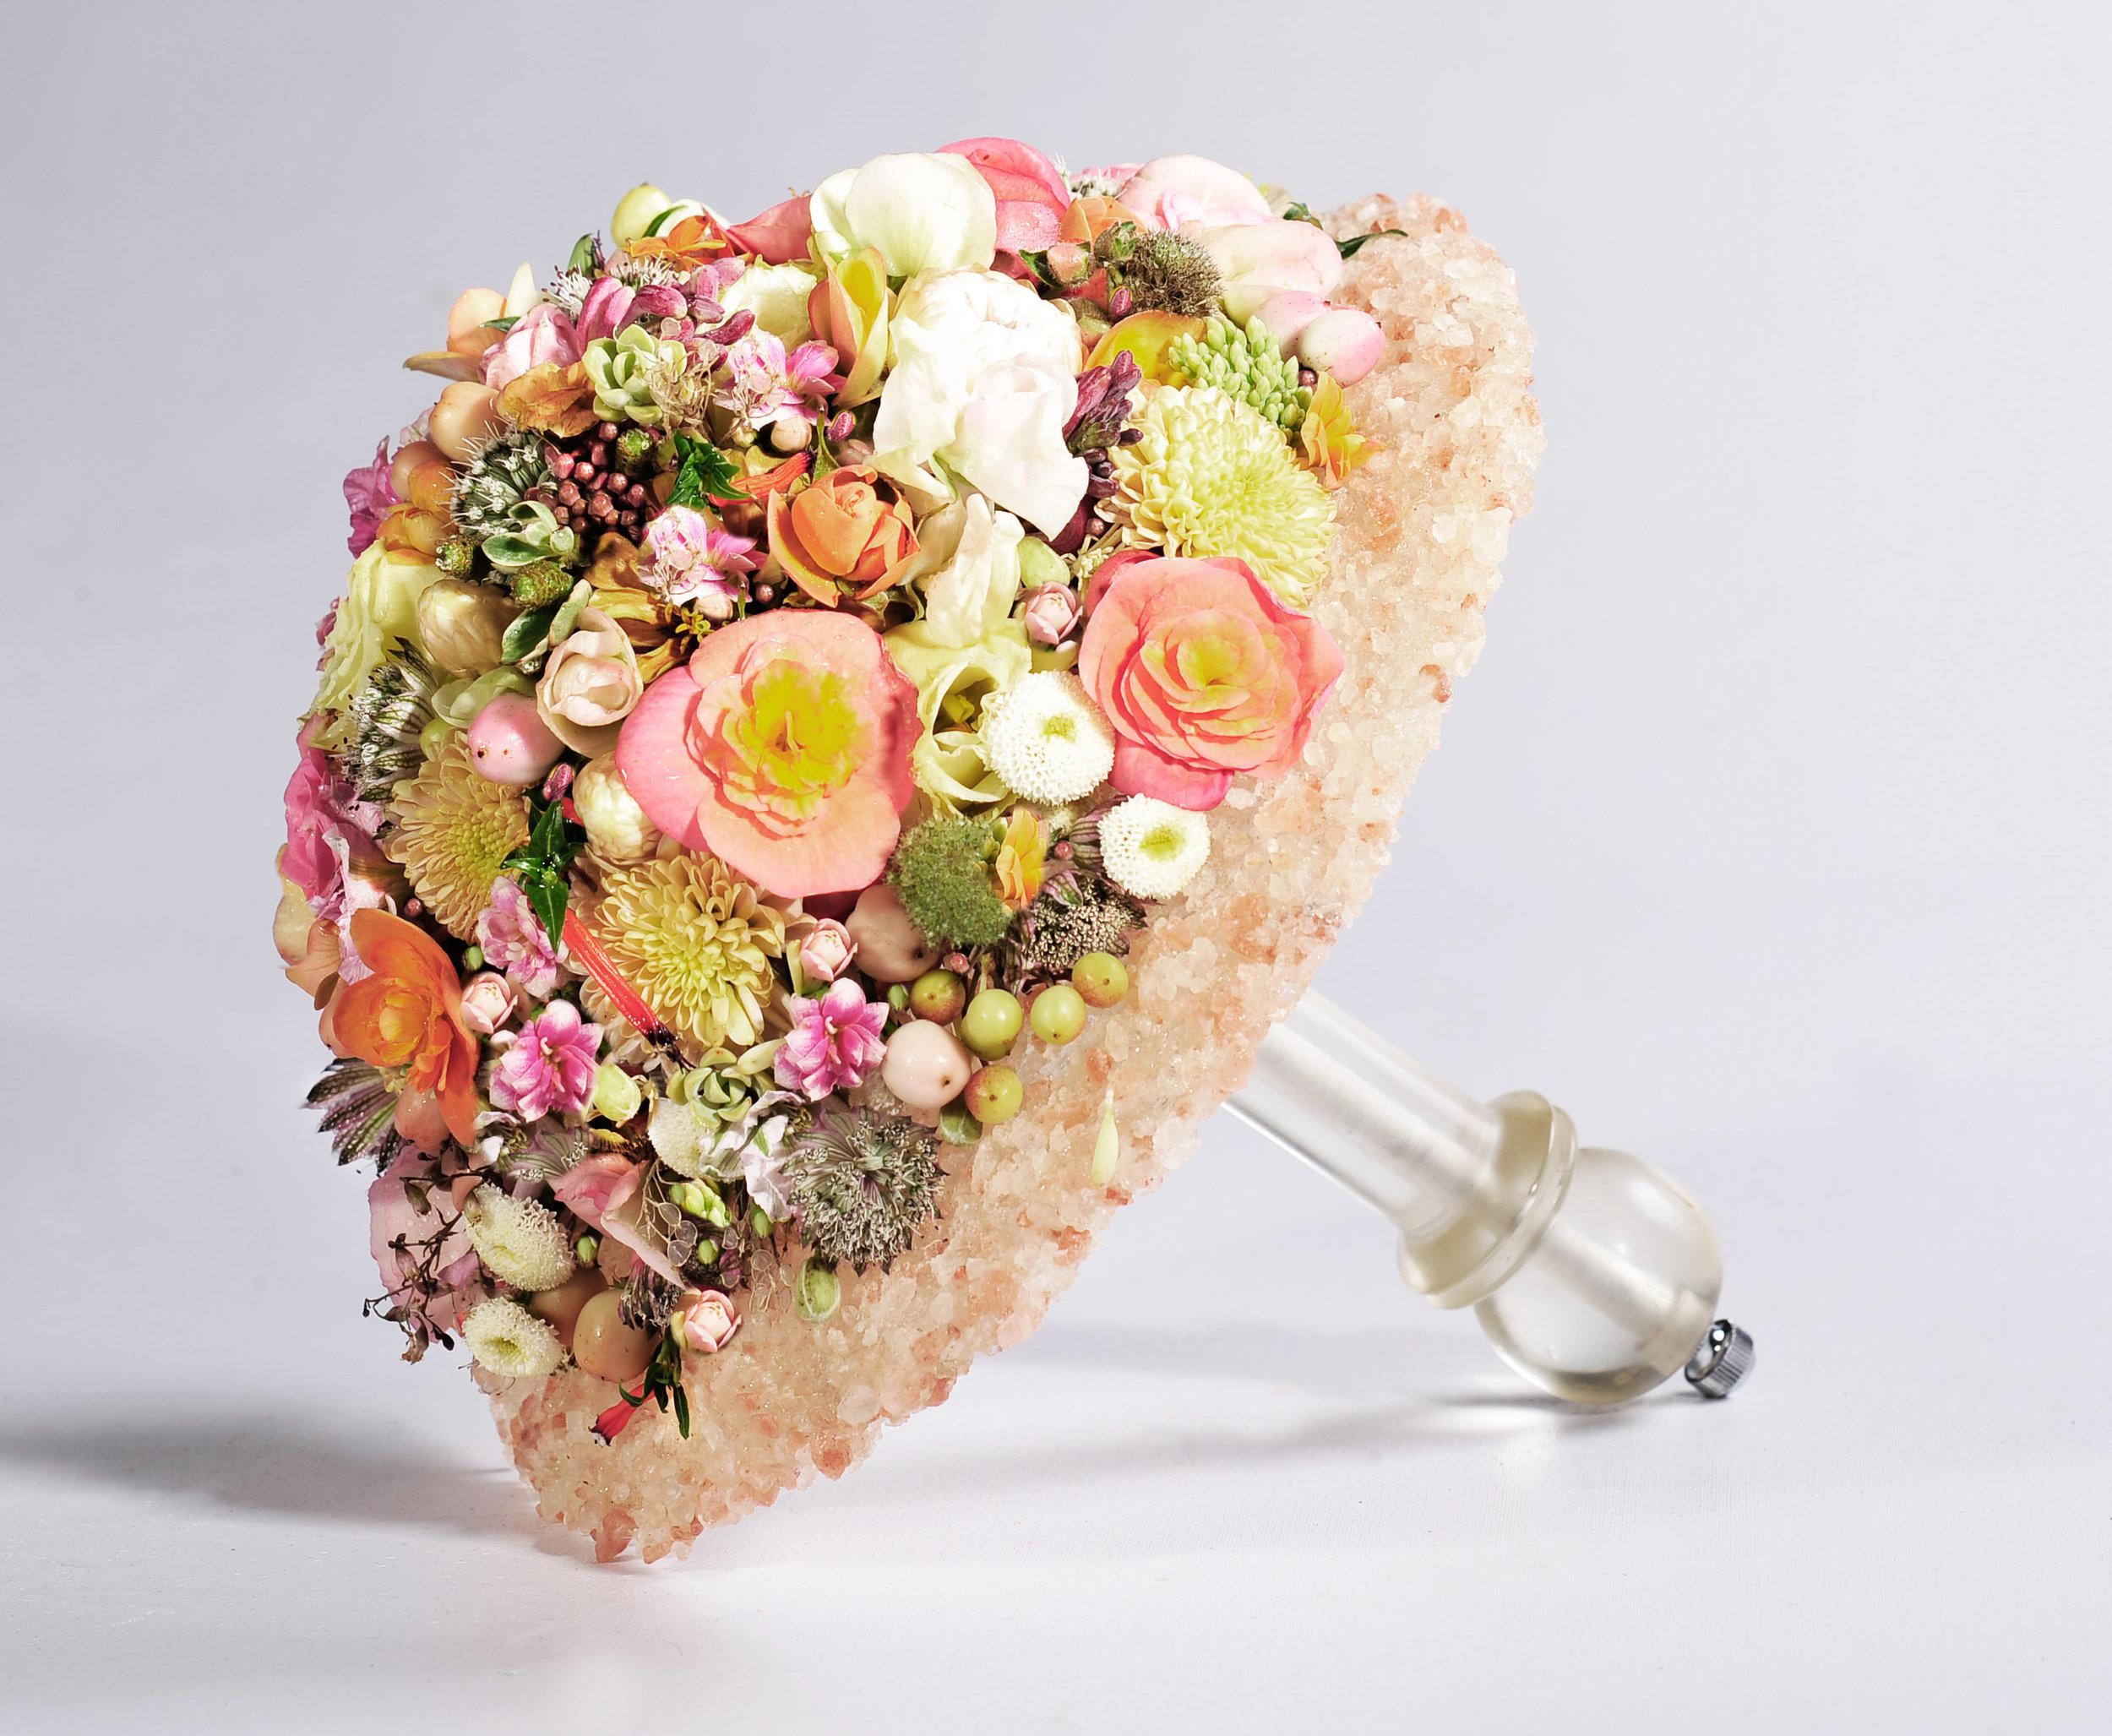 Anika Kuhlmann aus Deutschland gestaltete für ihren zauberhaften Brautstrauss eine Abschluss aus Salzkristallen, der Haltegriff war folgerichtig eine umgeformte Salzmühle.